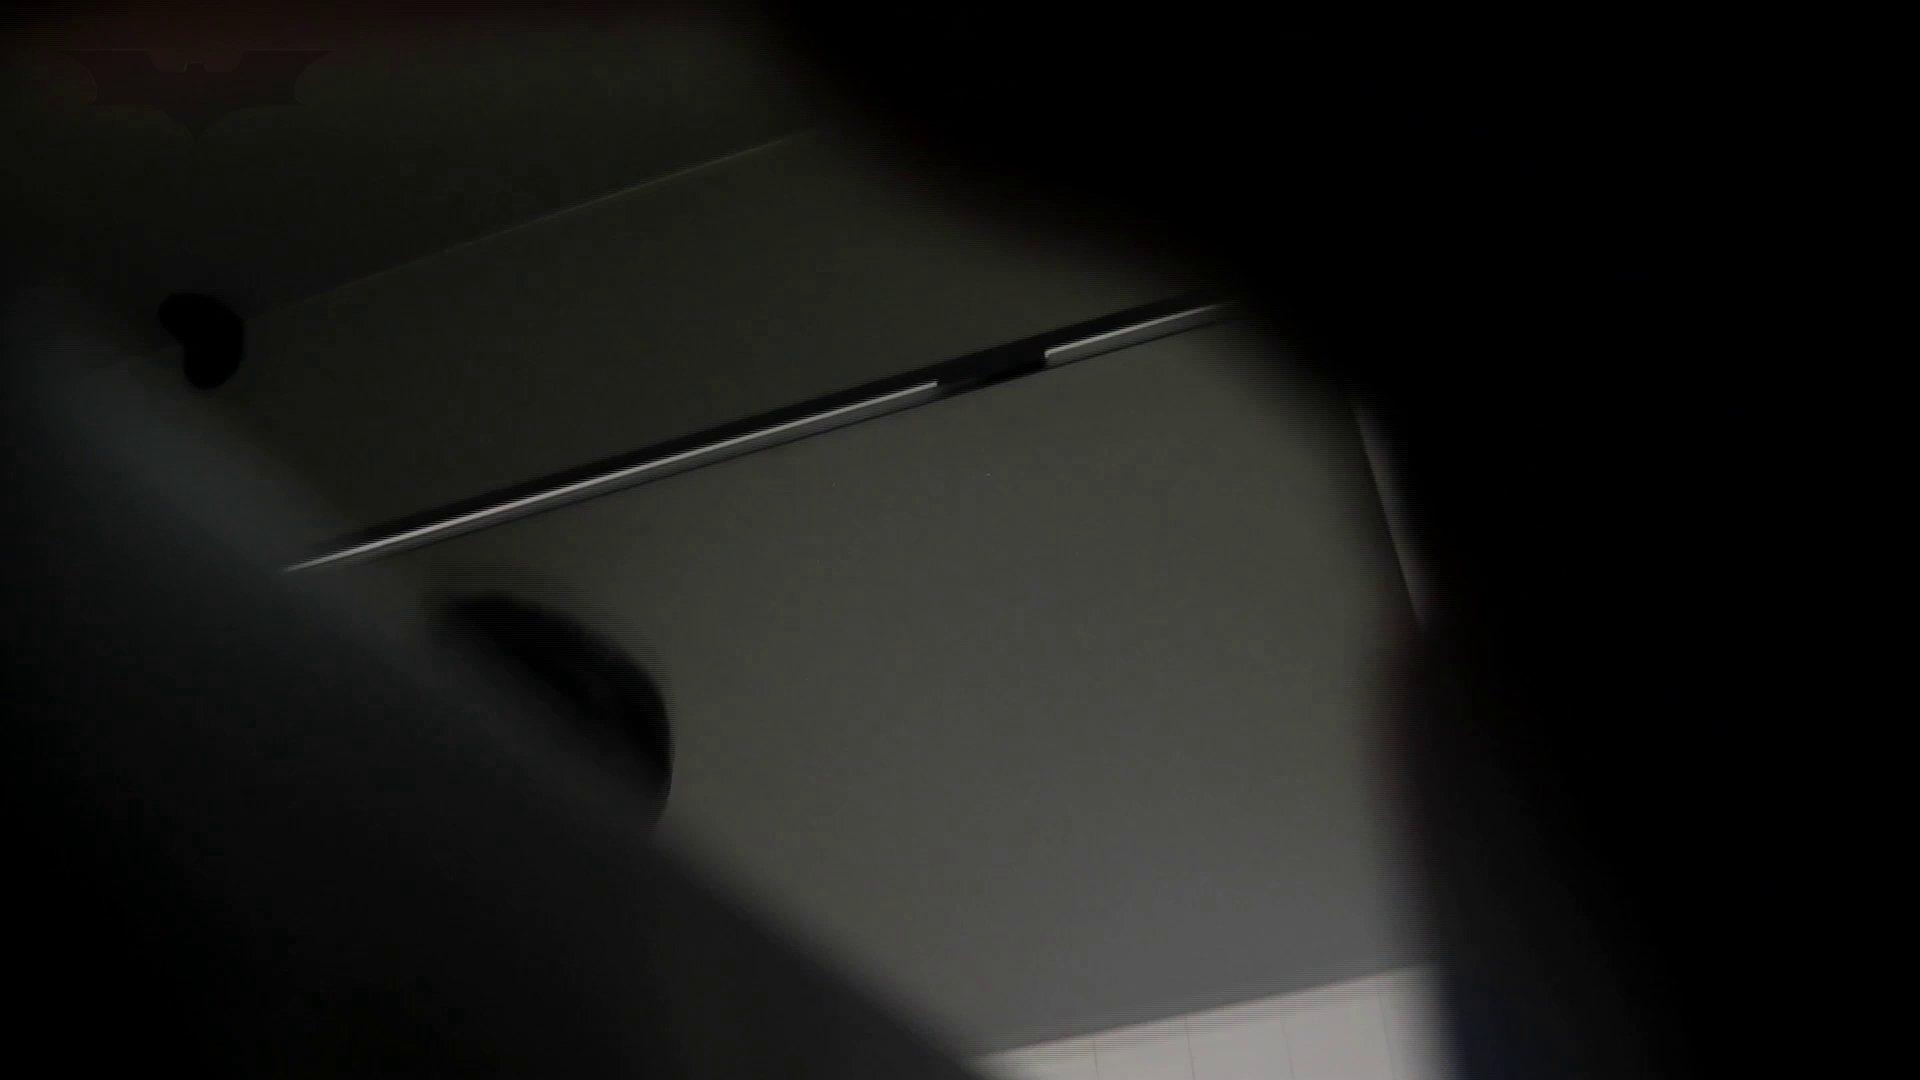 アダルトエロ動画|潜入!!台湾名門女学院 Vol.04 二ケツ同時撮り!!|怪盗ジョーカー